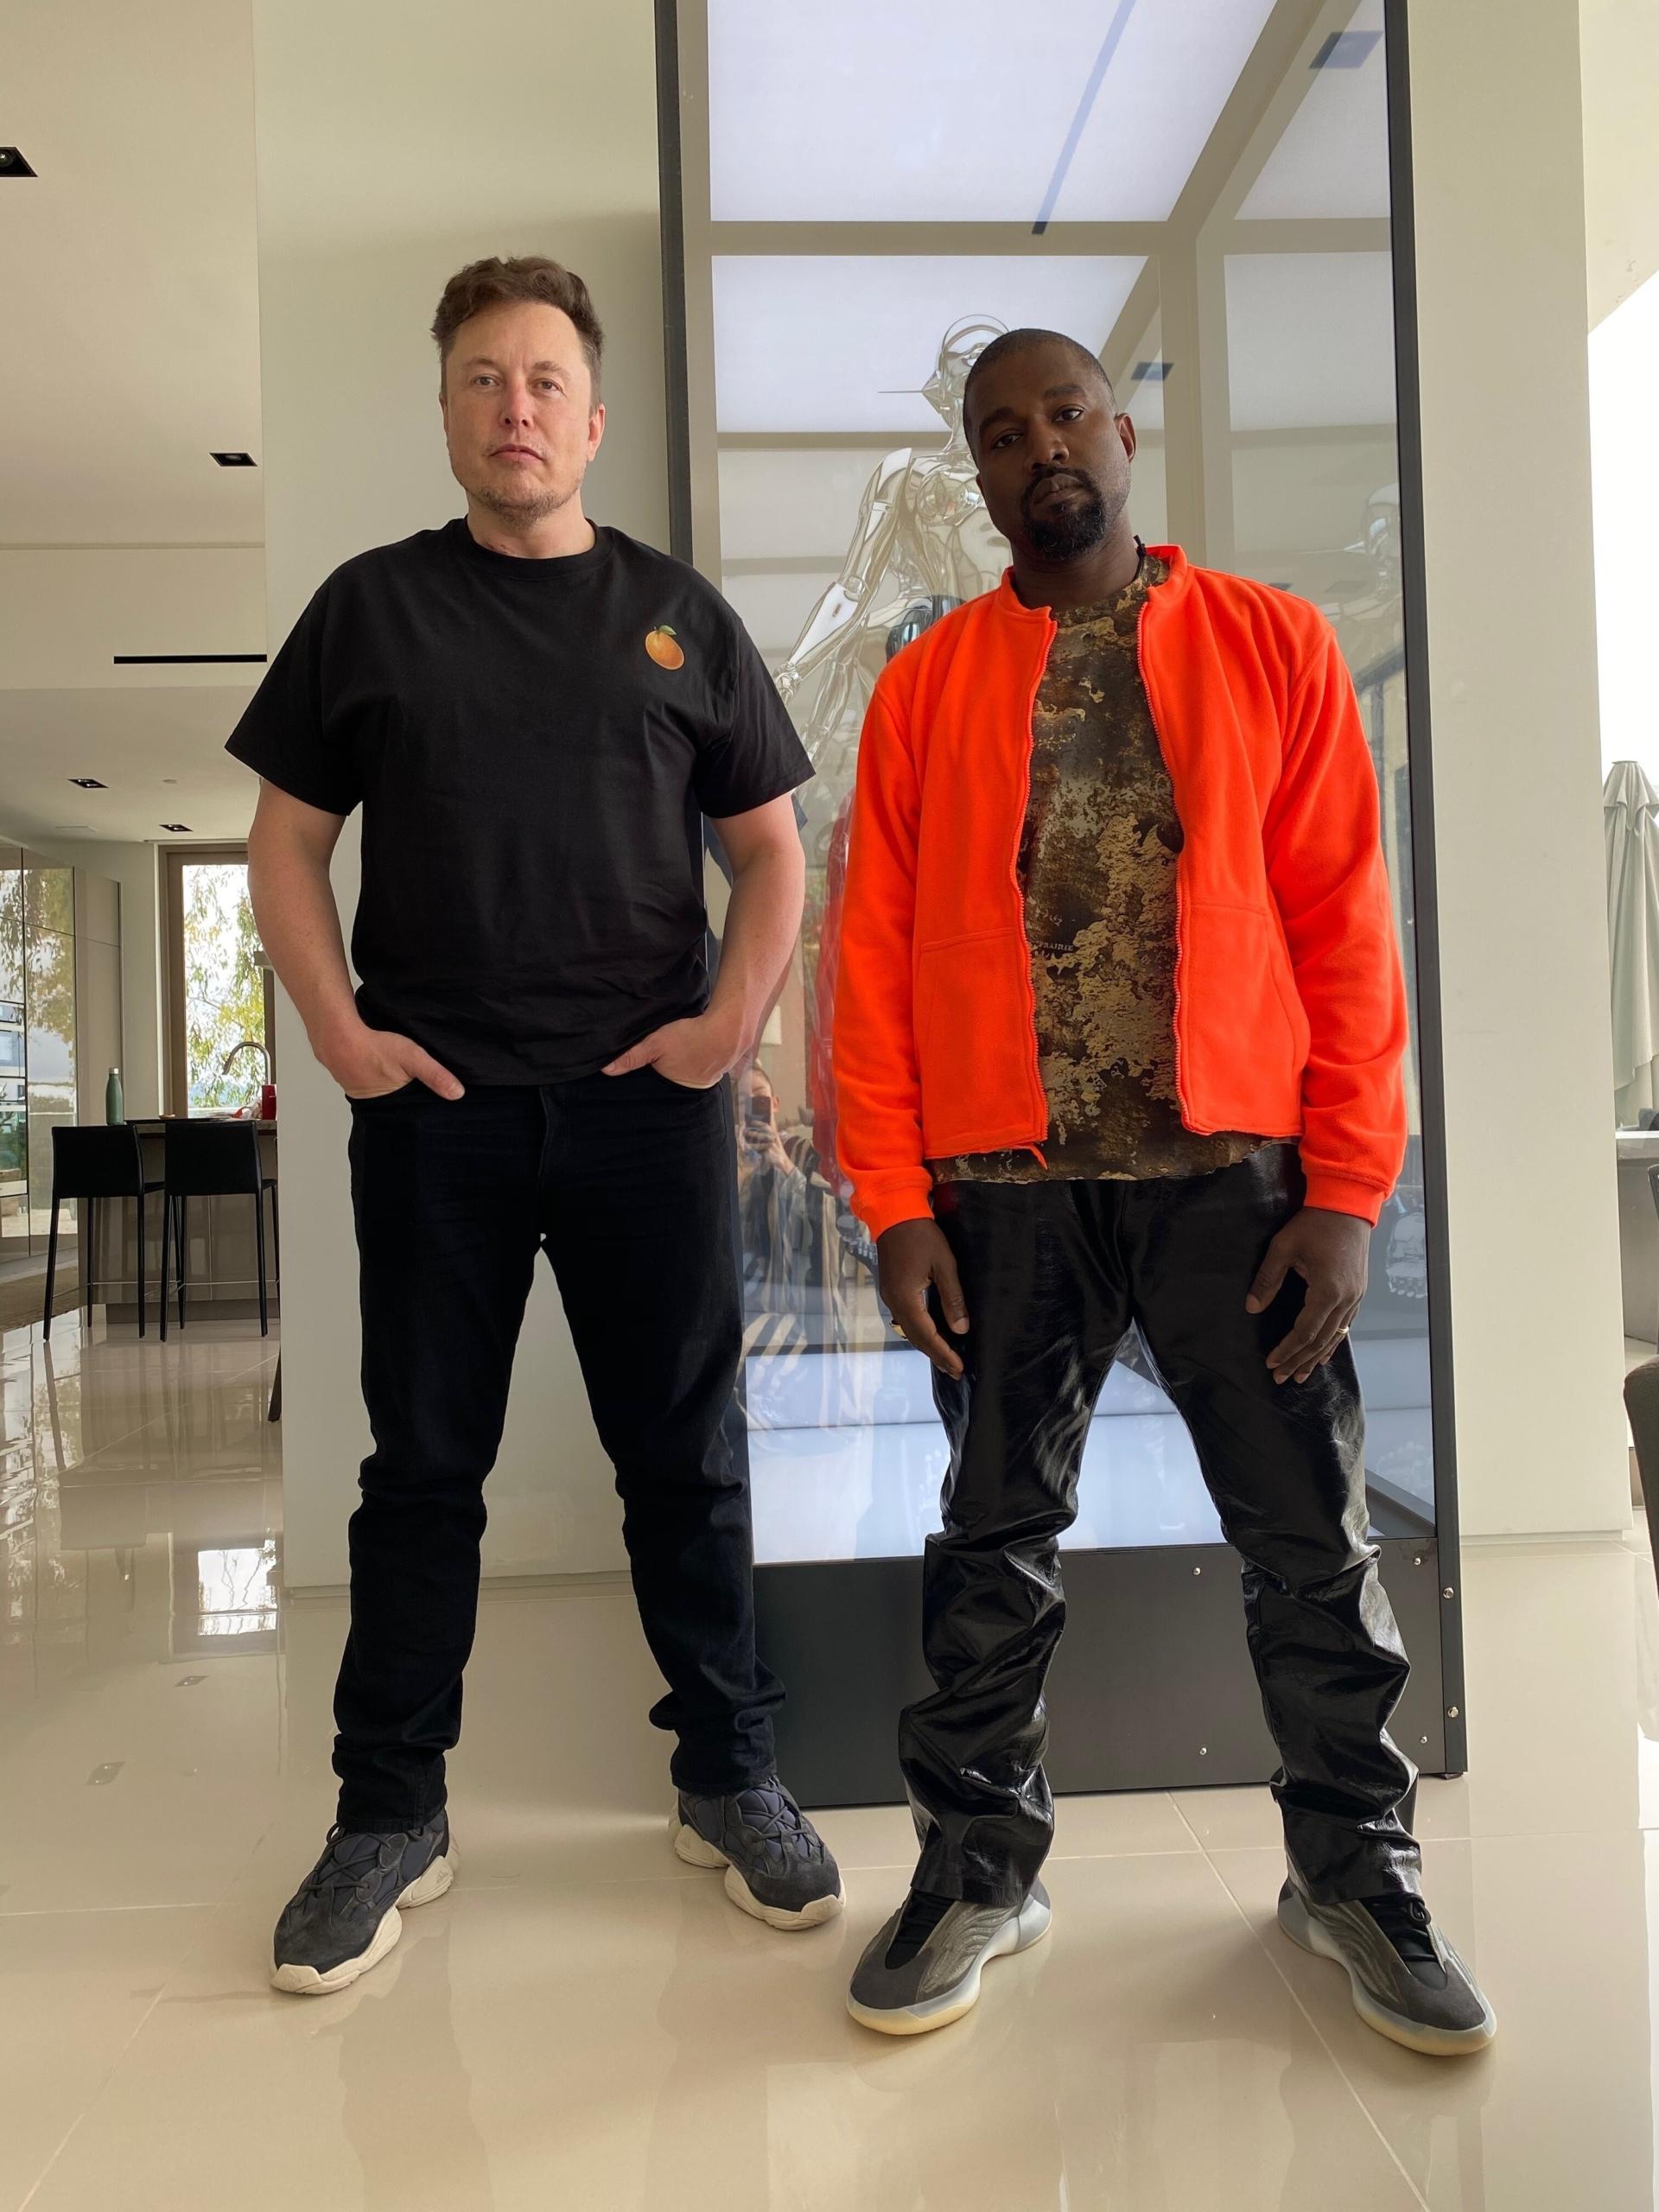 Elon Musk se arrepiente de apoyar a Kanye West tras conocer detalles de su plan de gobierno